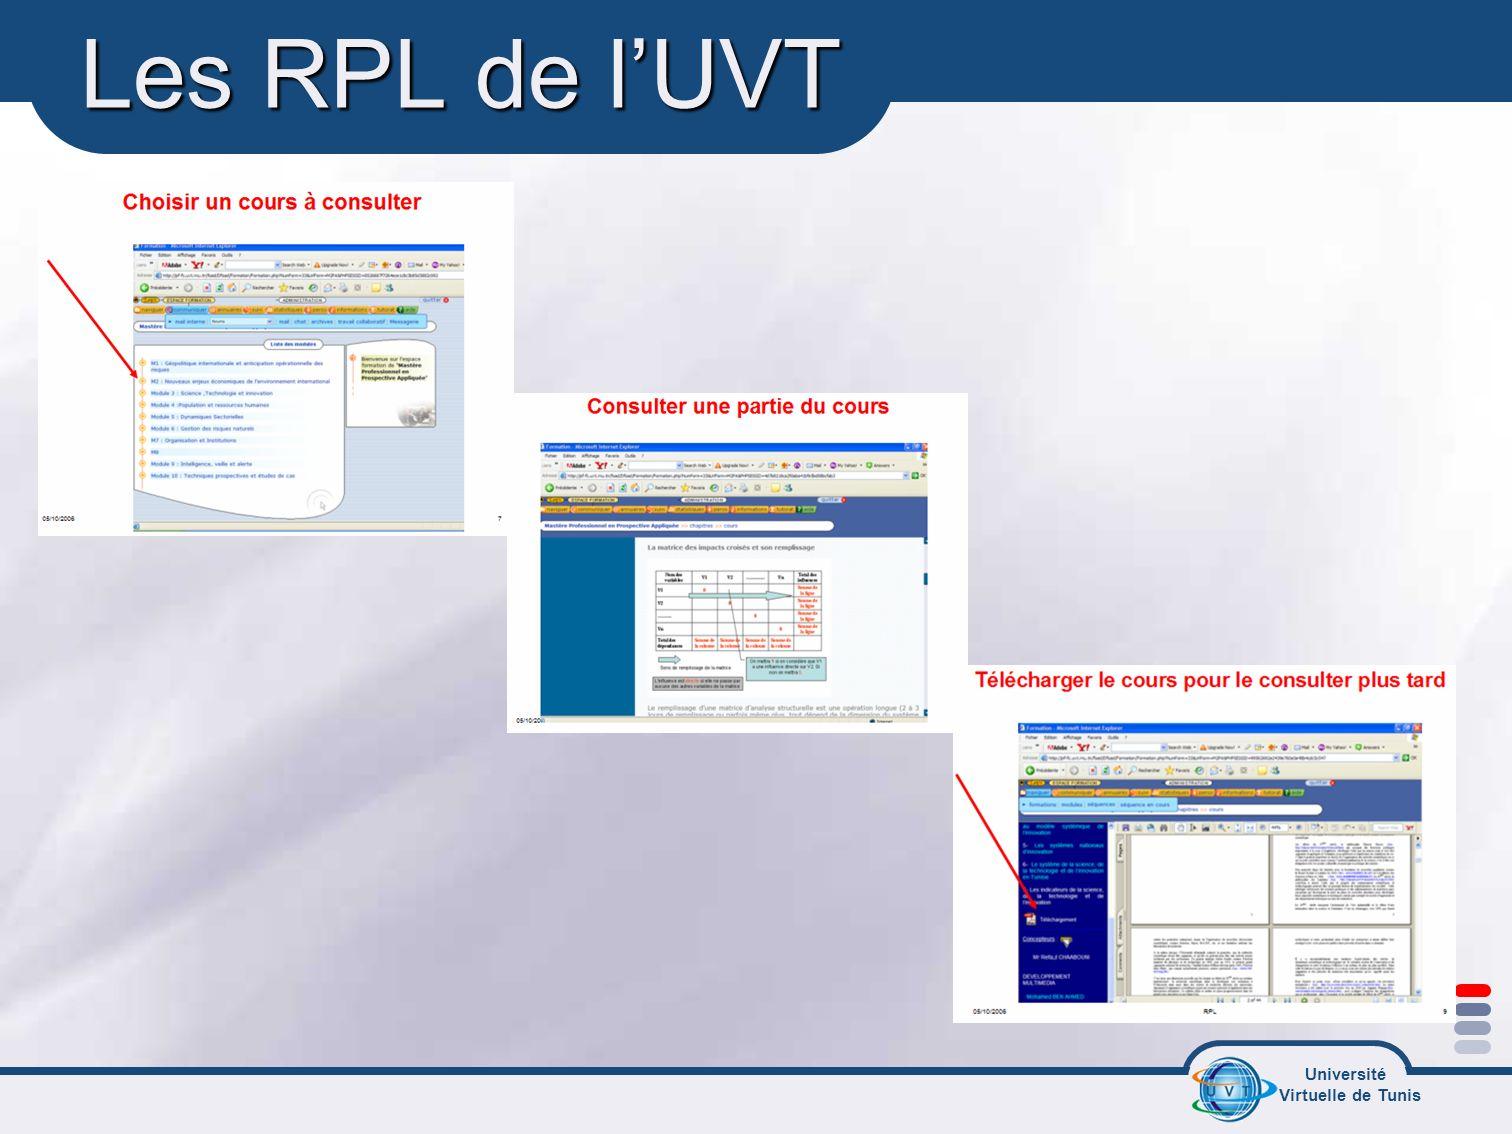 Les RPL de l'UVT